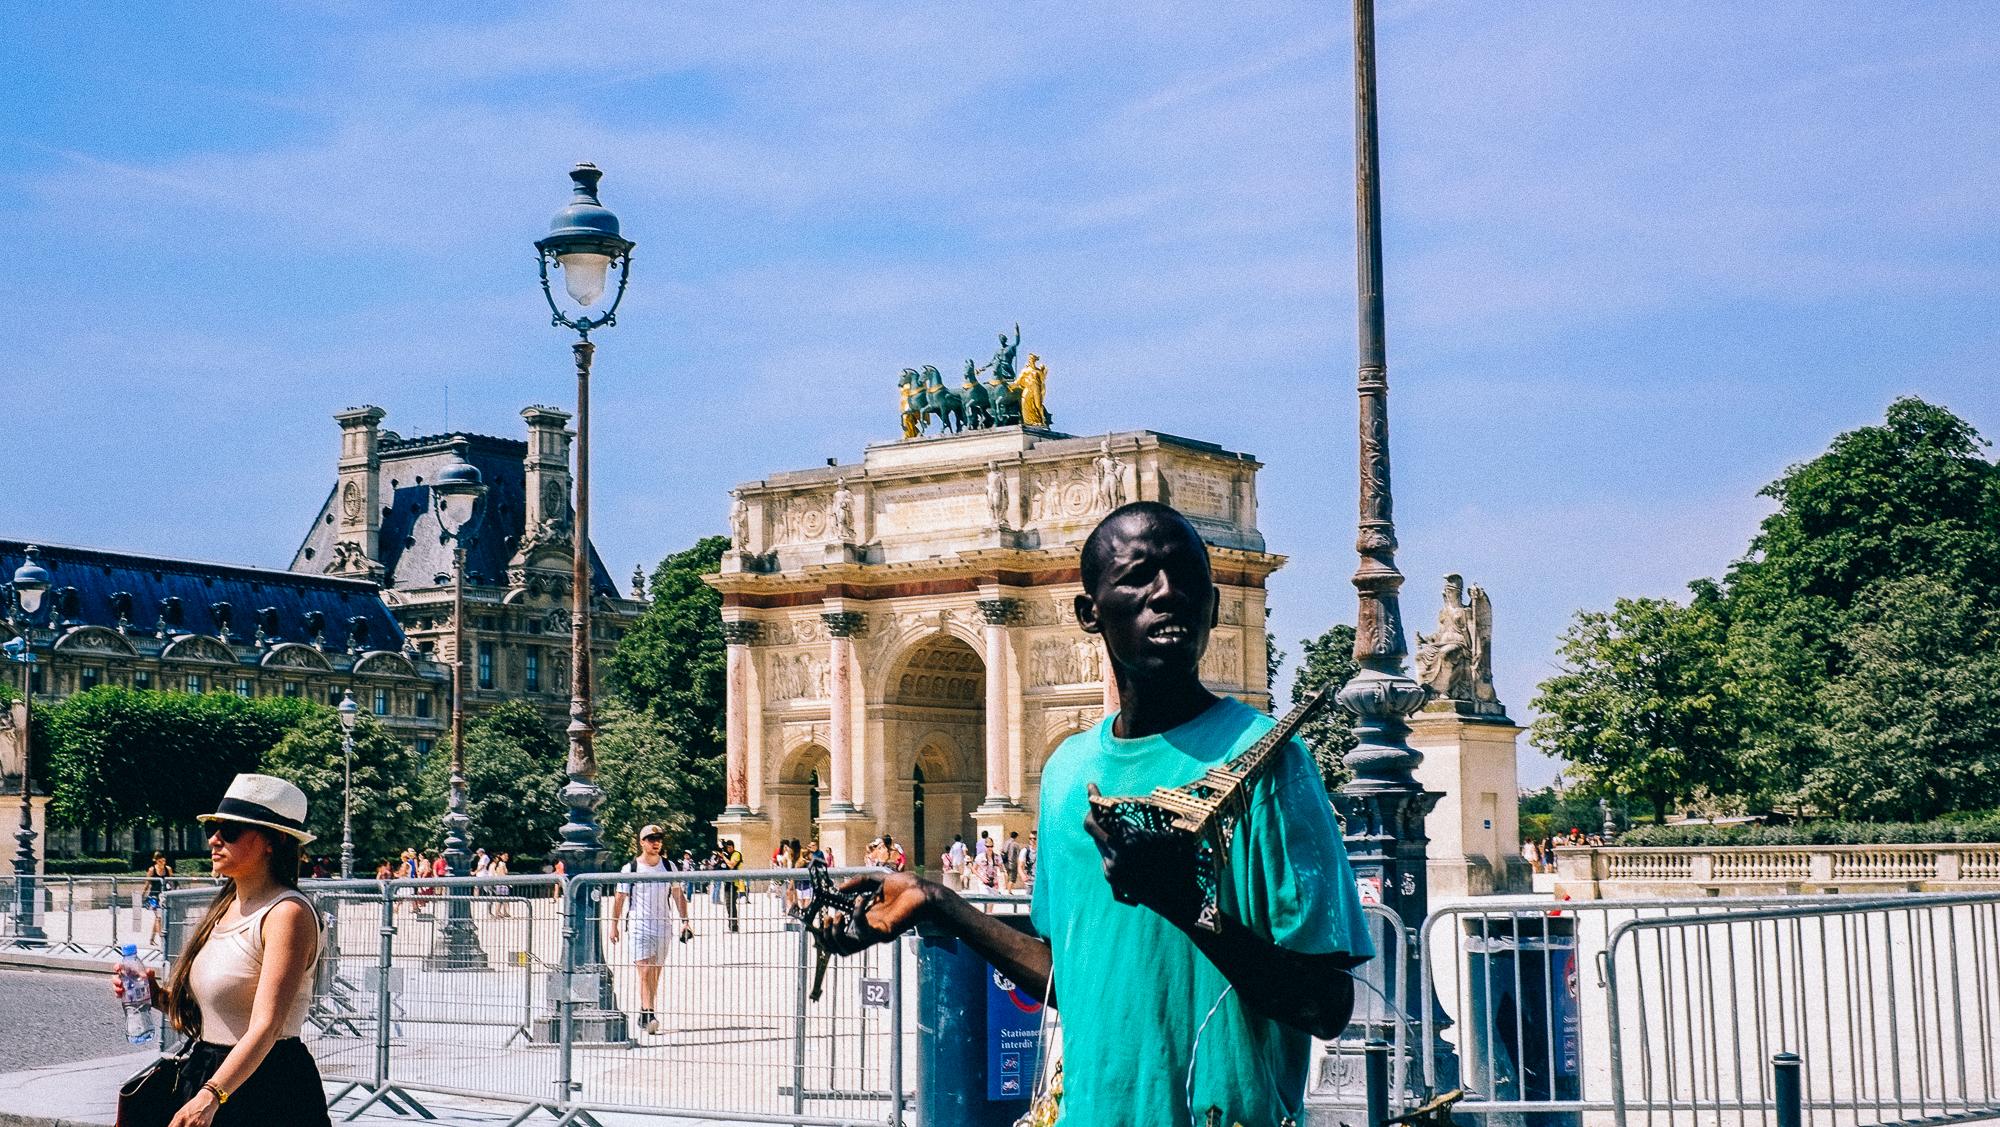 In Paris, not of Paris